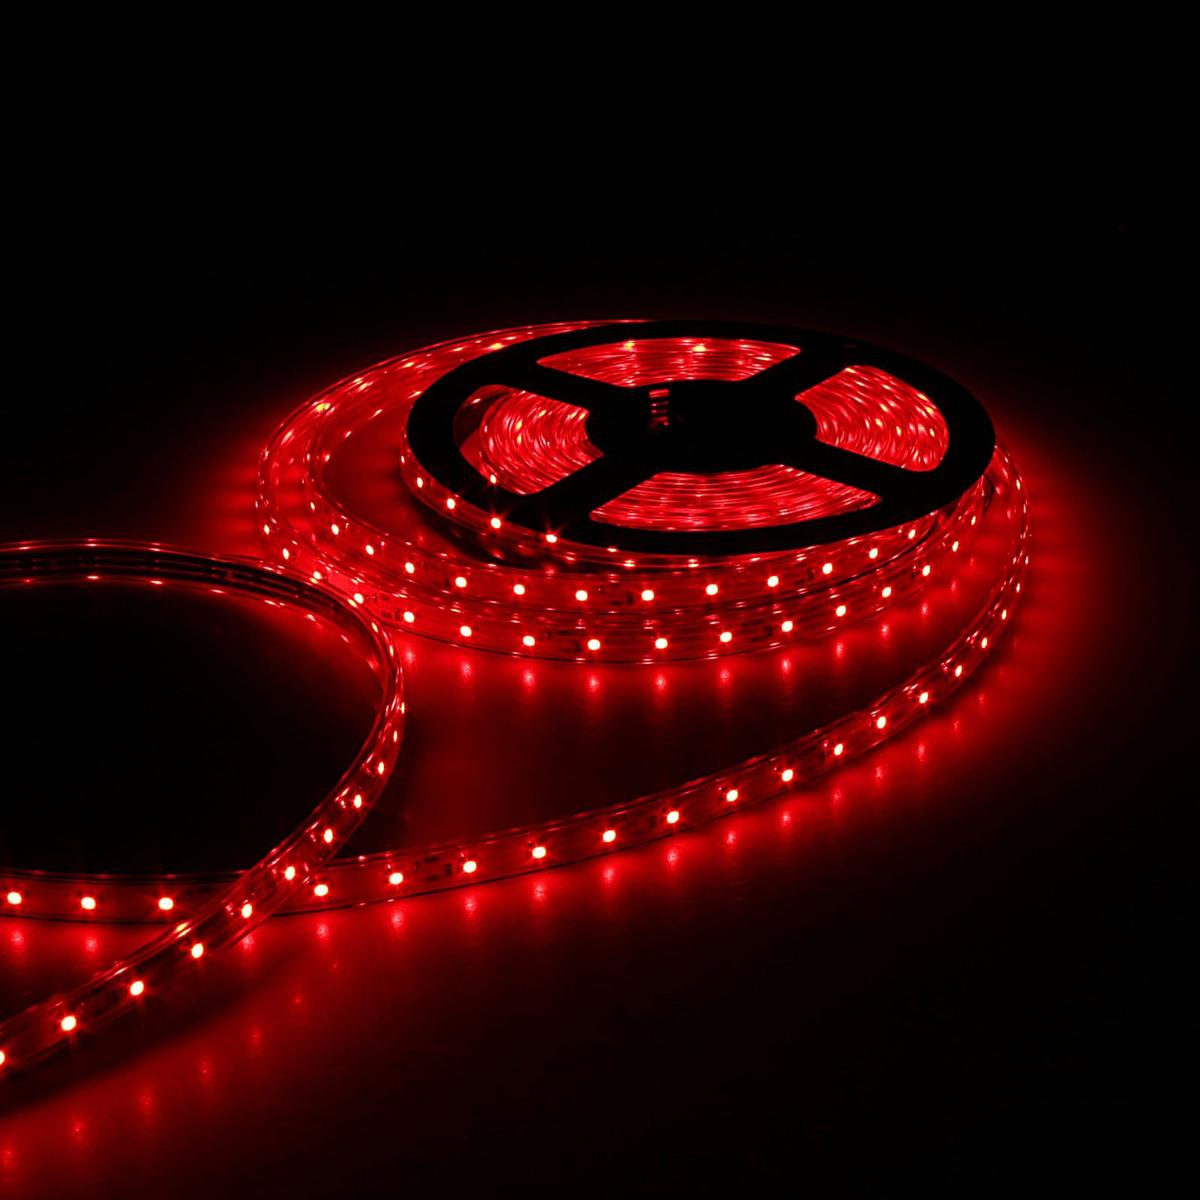 Светодиодная лента Sima-land, 12В, SMD3528, длина 5 м, IP68, 60 LED ламп, 4.8 Вт/м, 6-7 Лм/1 LED, DC, цвет: красный. 848567848567Светодиодные гирлянды, ленты и т.д — это отличный вариант для новогоднего оформления интерьера или фасада. С их помощью помещение любого размера можно превратить в праздничный зал, а внешние элементы зданий, украшенные ими, мгновенно станут напоминать очертания сказочного дворца. Такие украшения создают ауру предвкушения чуда. Деревья, фасады, витрины, окна и арки будто специально созданы, чтобы вы украсили их светящимися нитями.